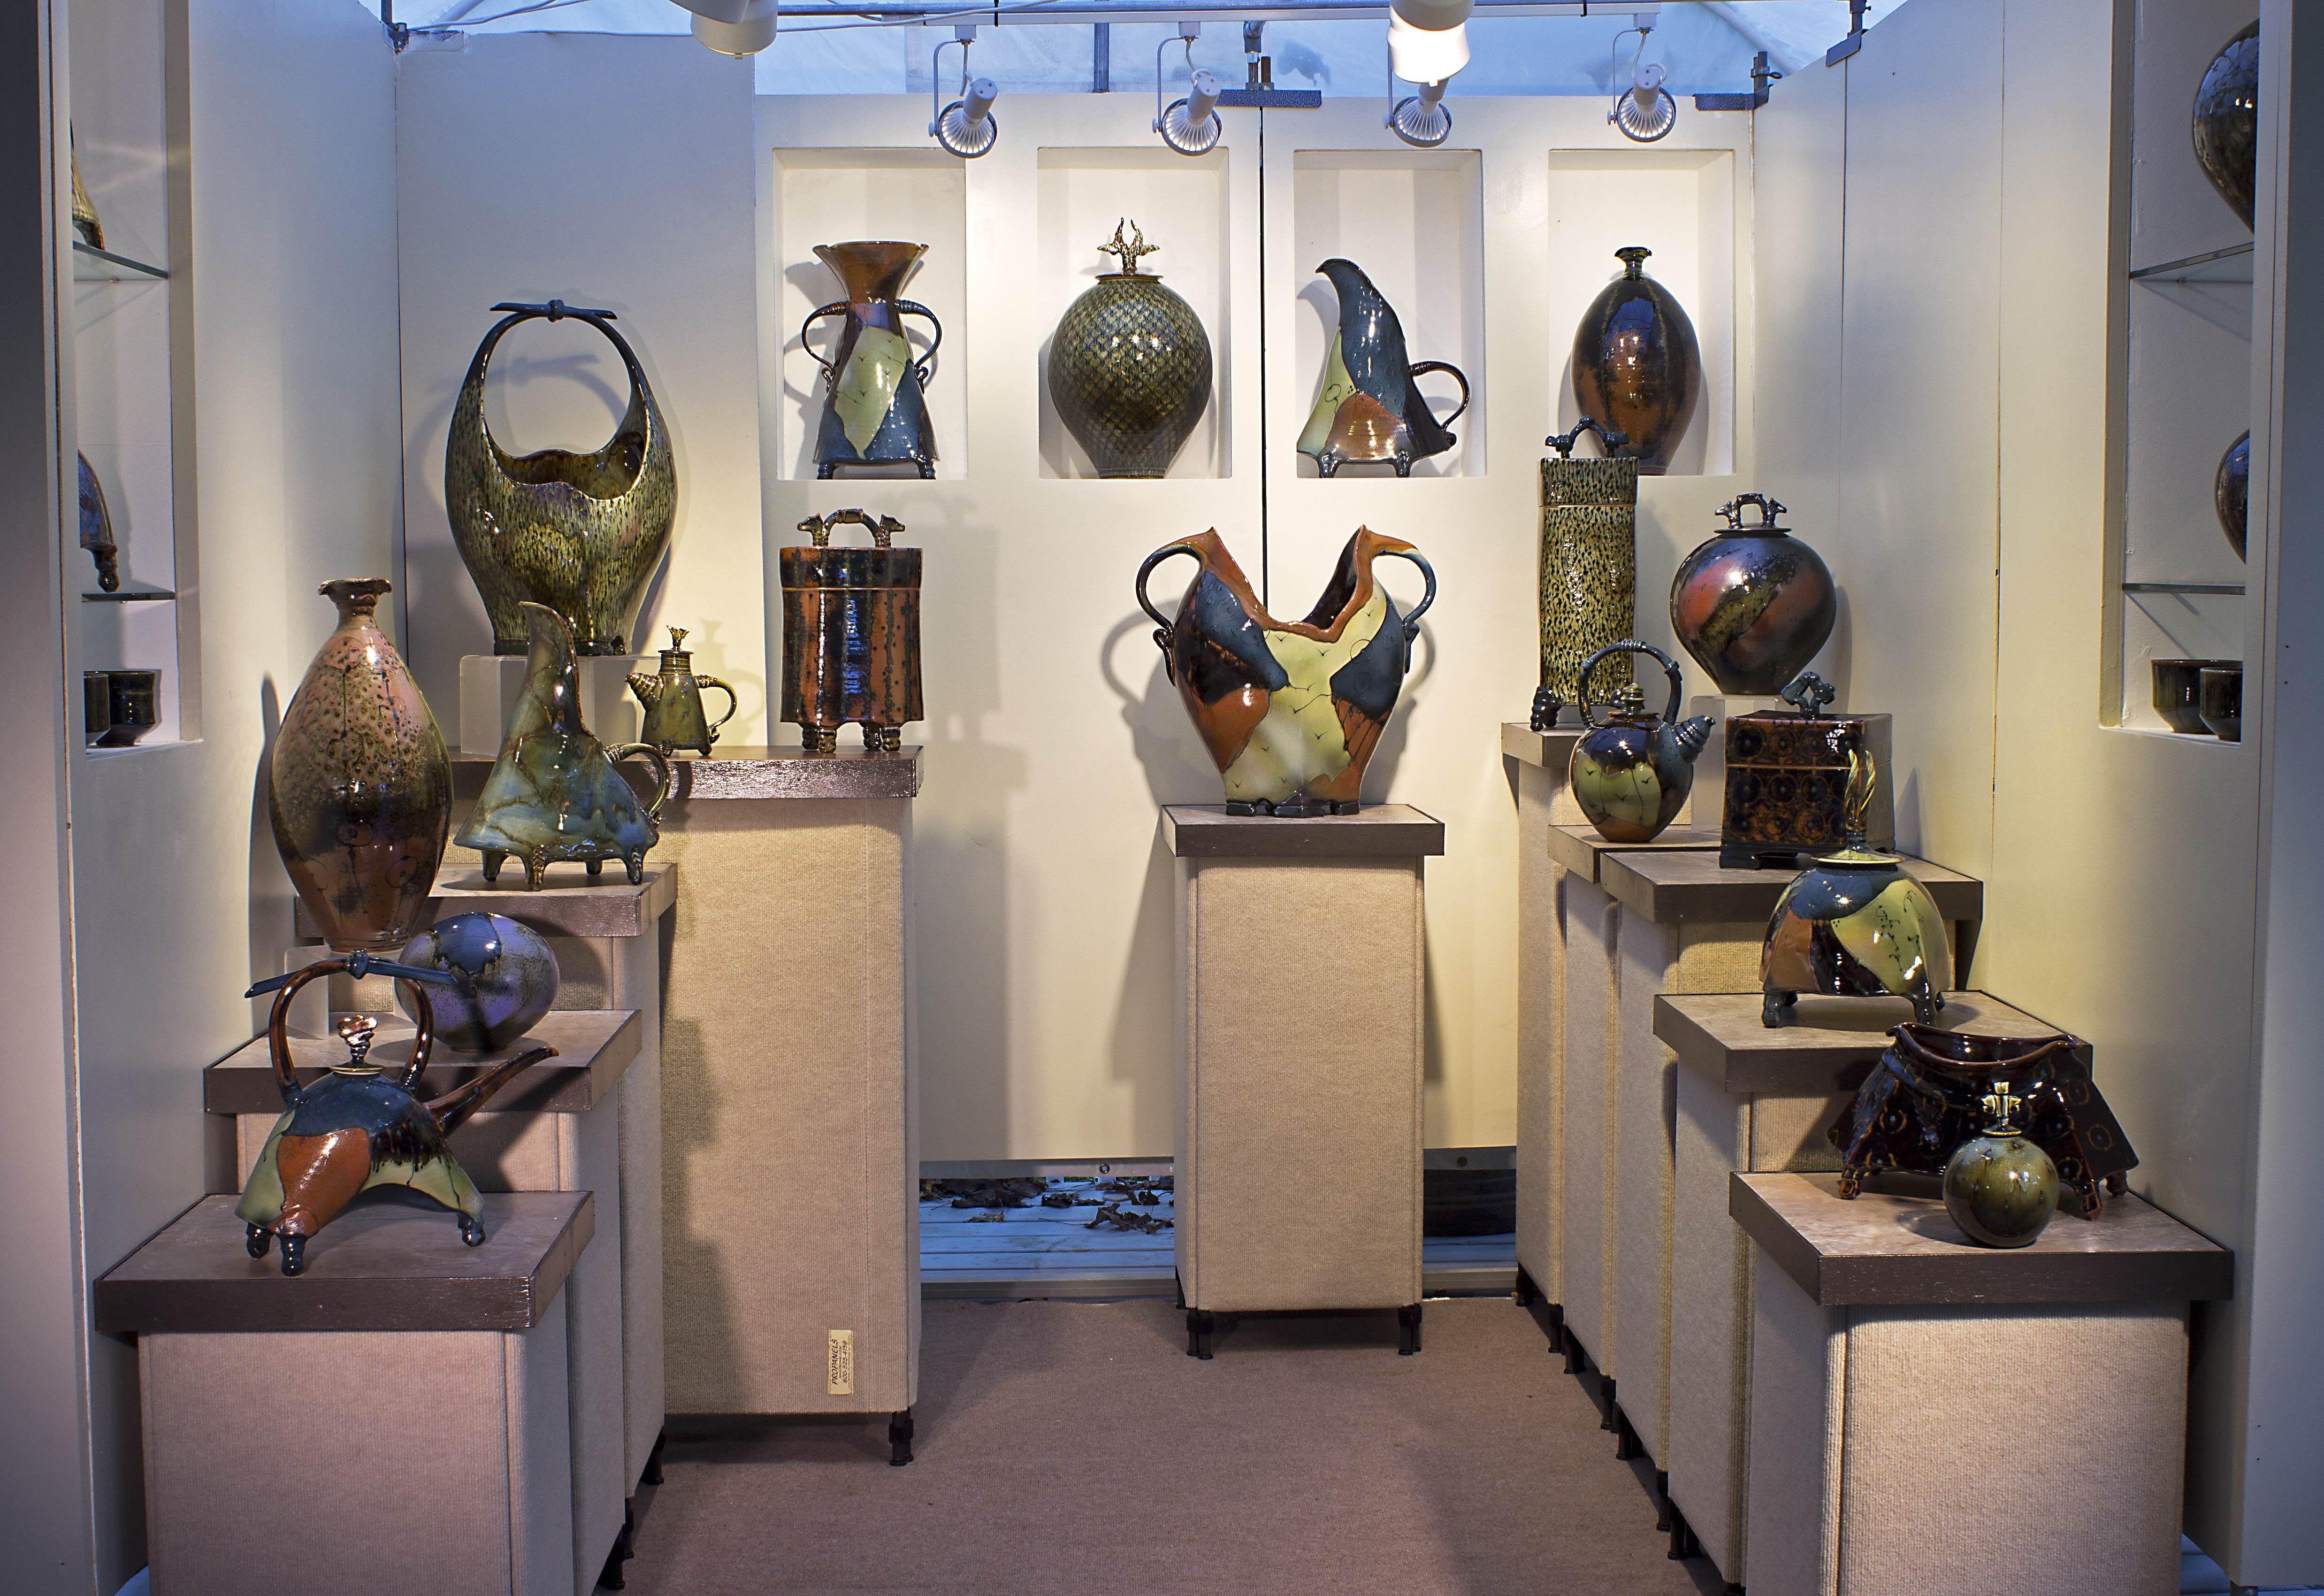 3D/Sculpture Image Sculpture images, Art show, Sculpture